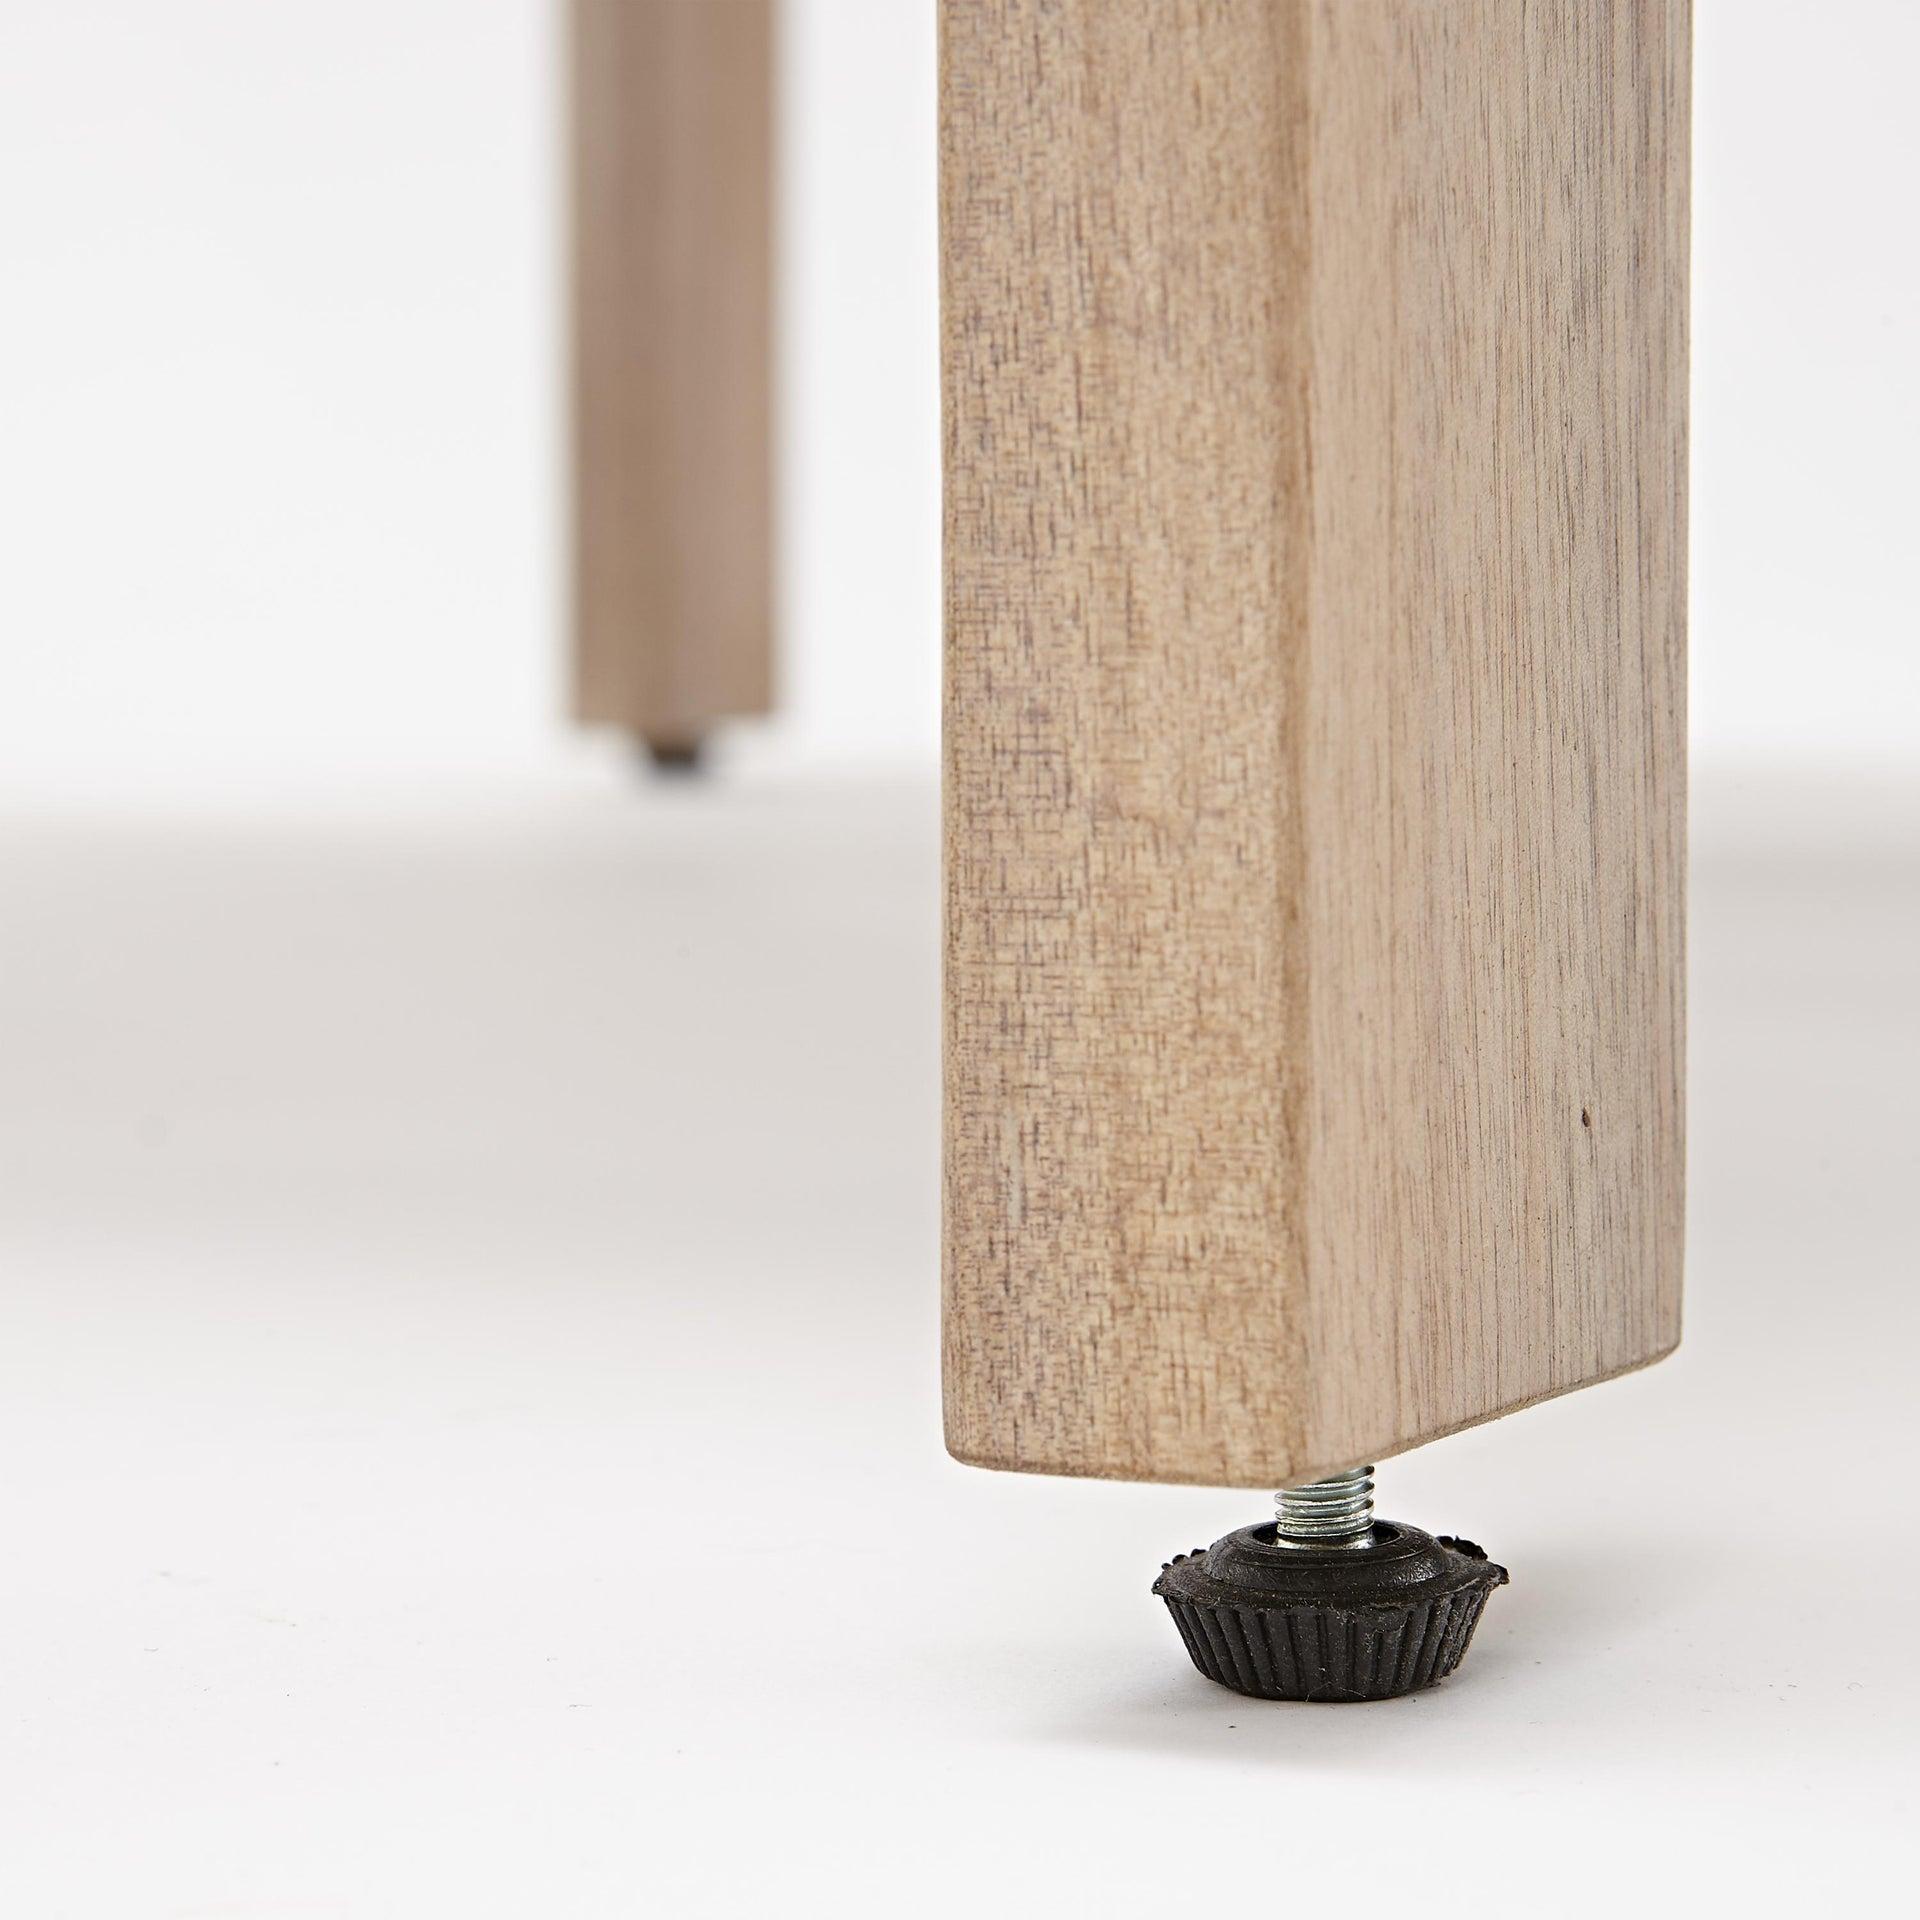 Coffee set rivestito in legno NATERIAL Solis per 4 persone - 10